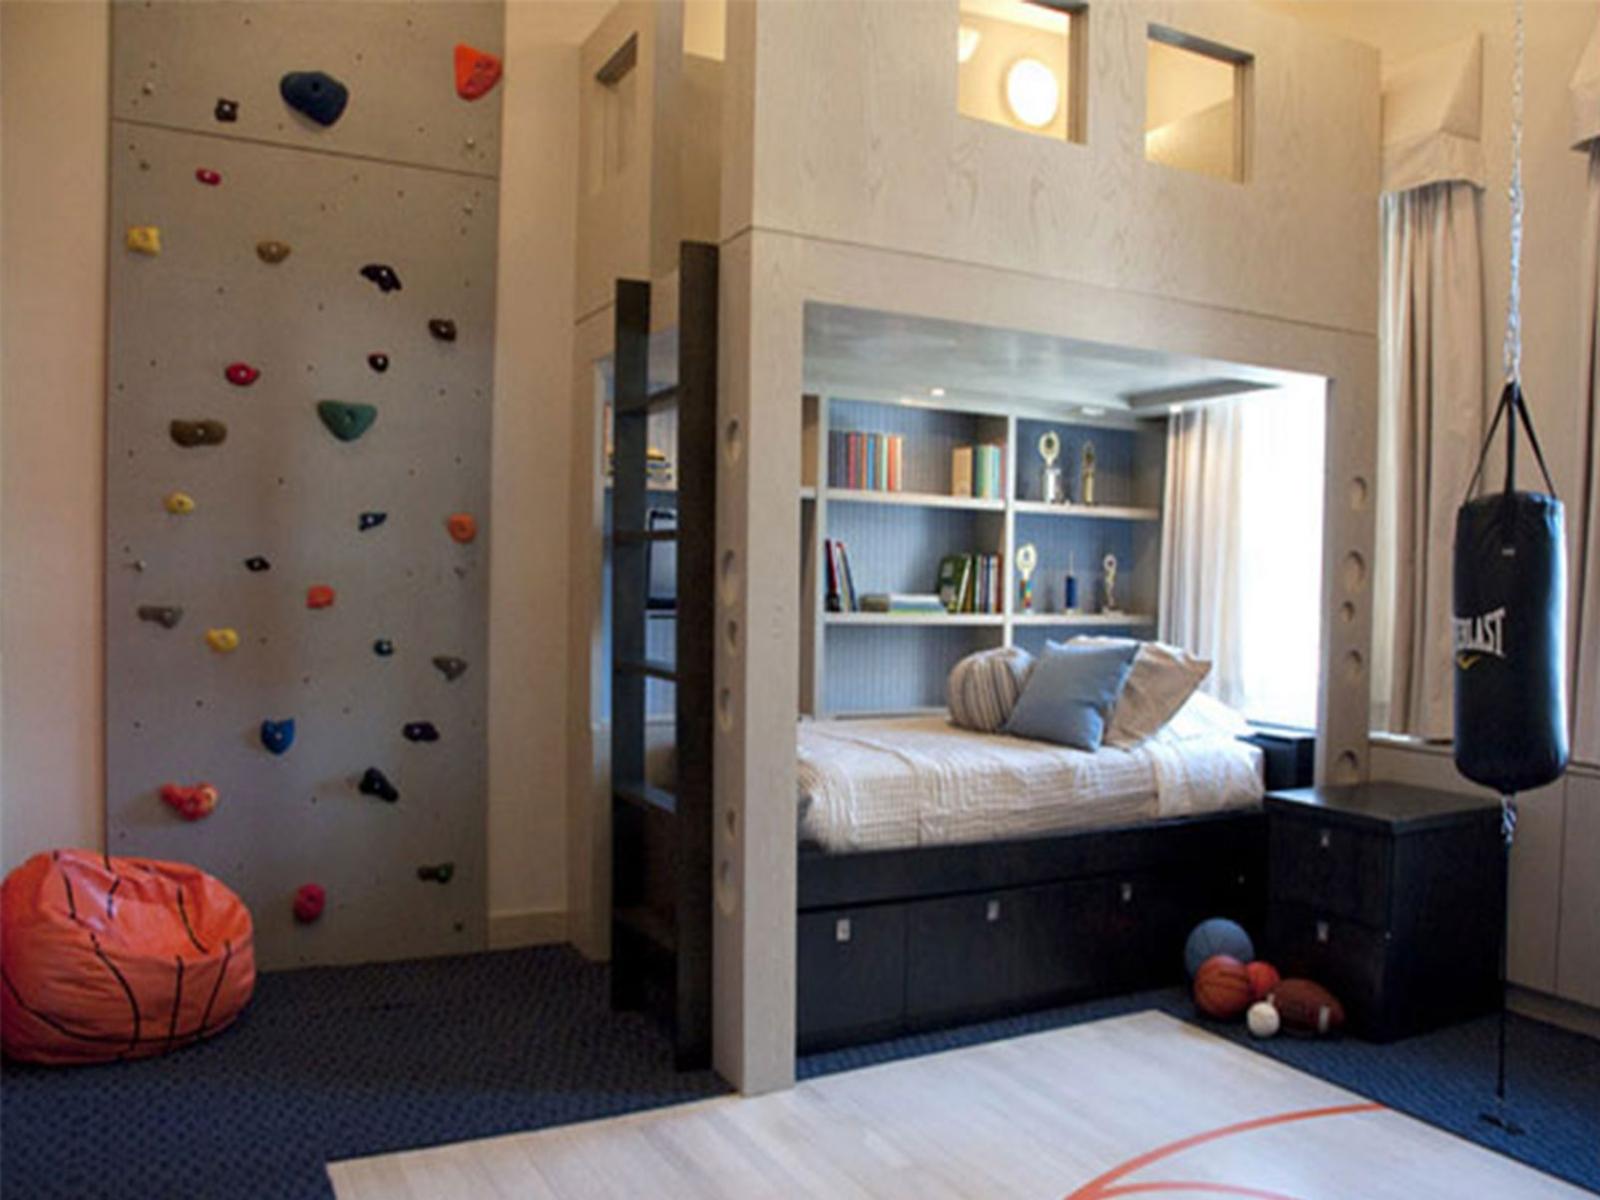 дизайн детской комнаты для мальчика 5 лет картинки и фотографии